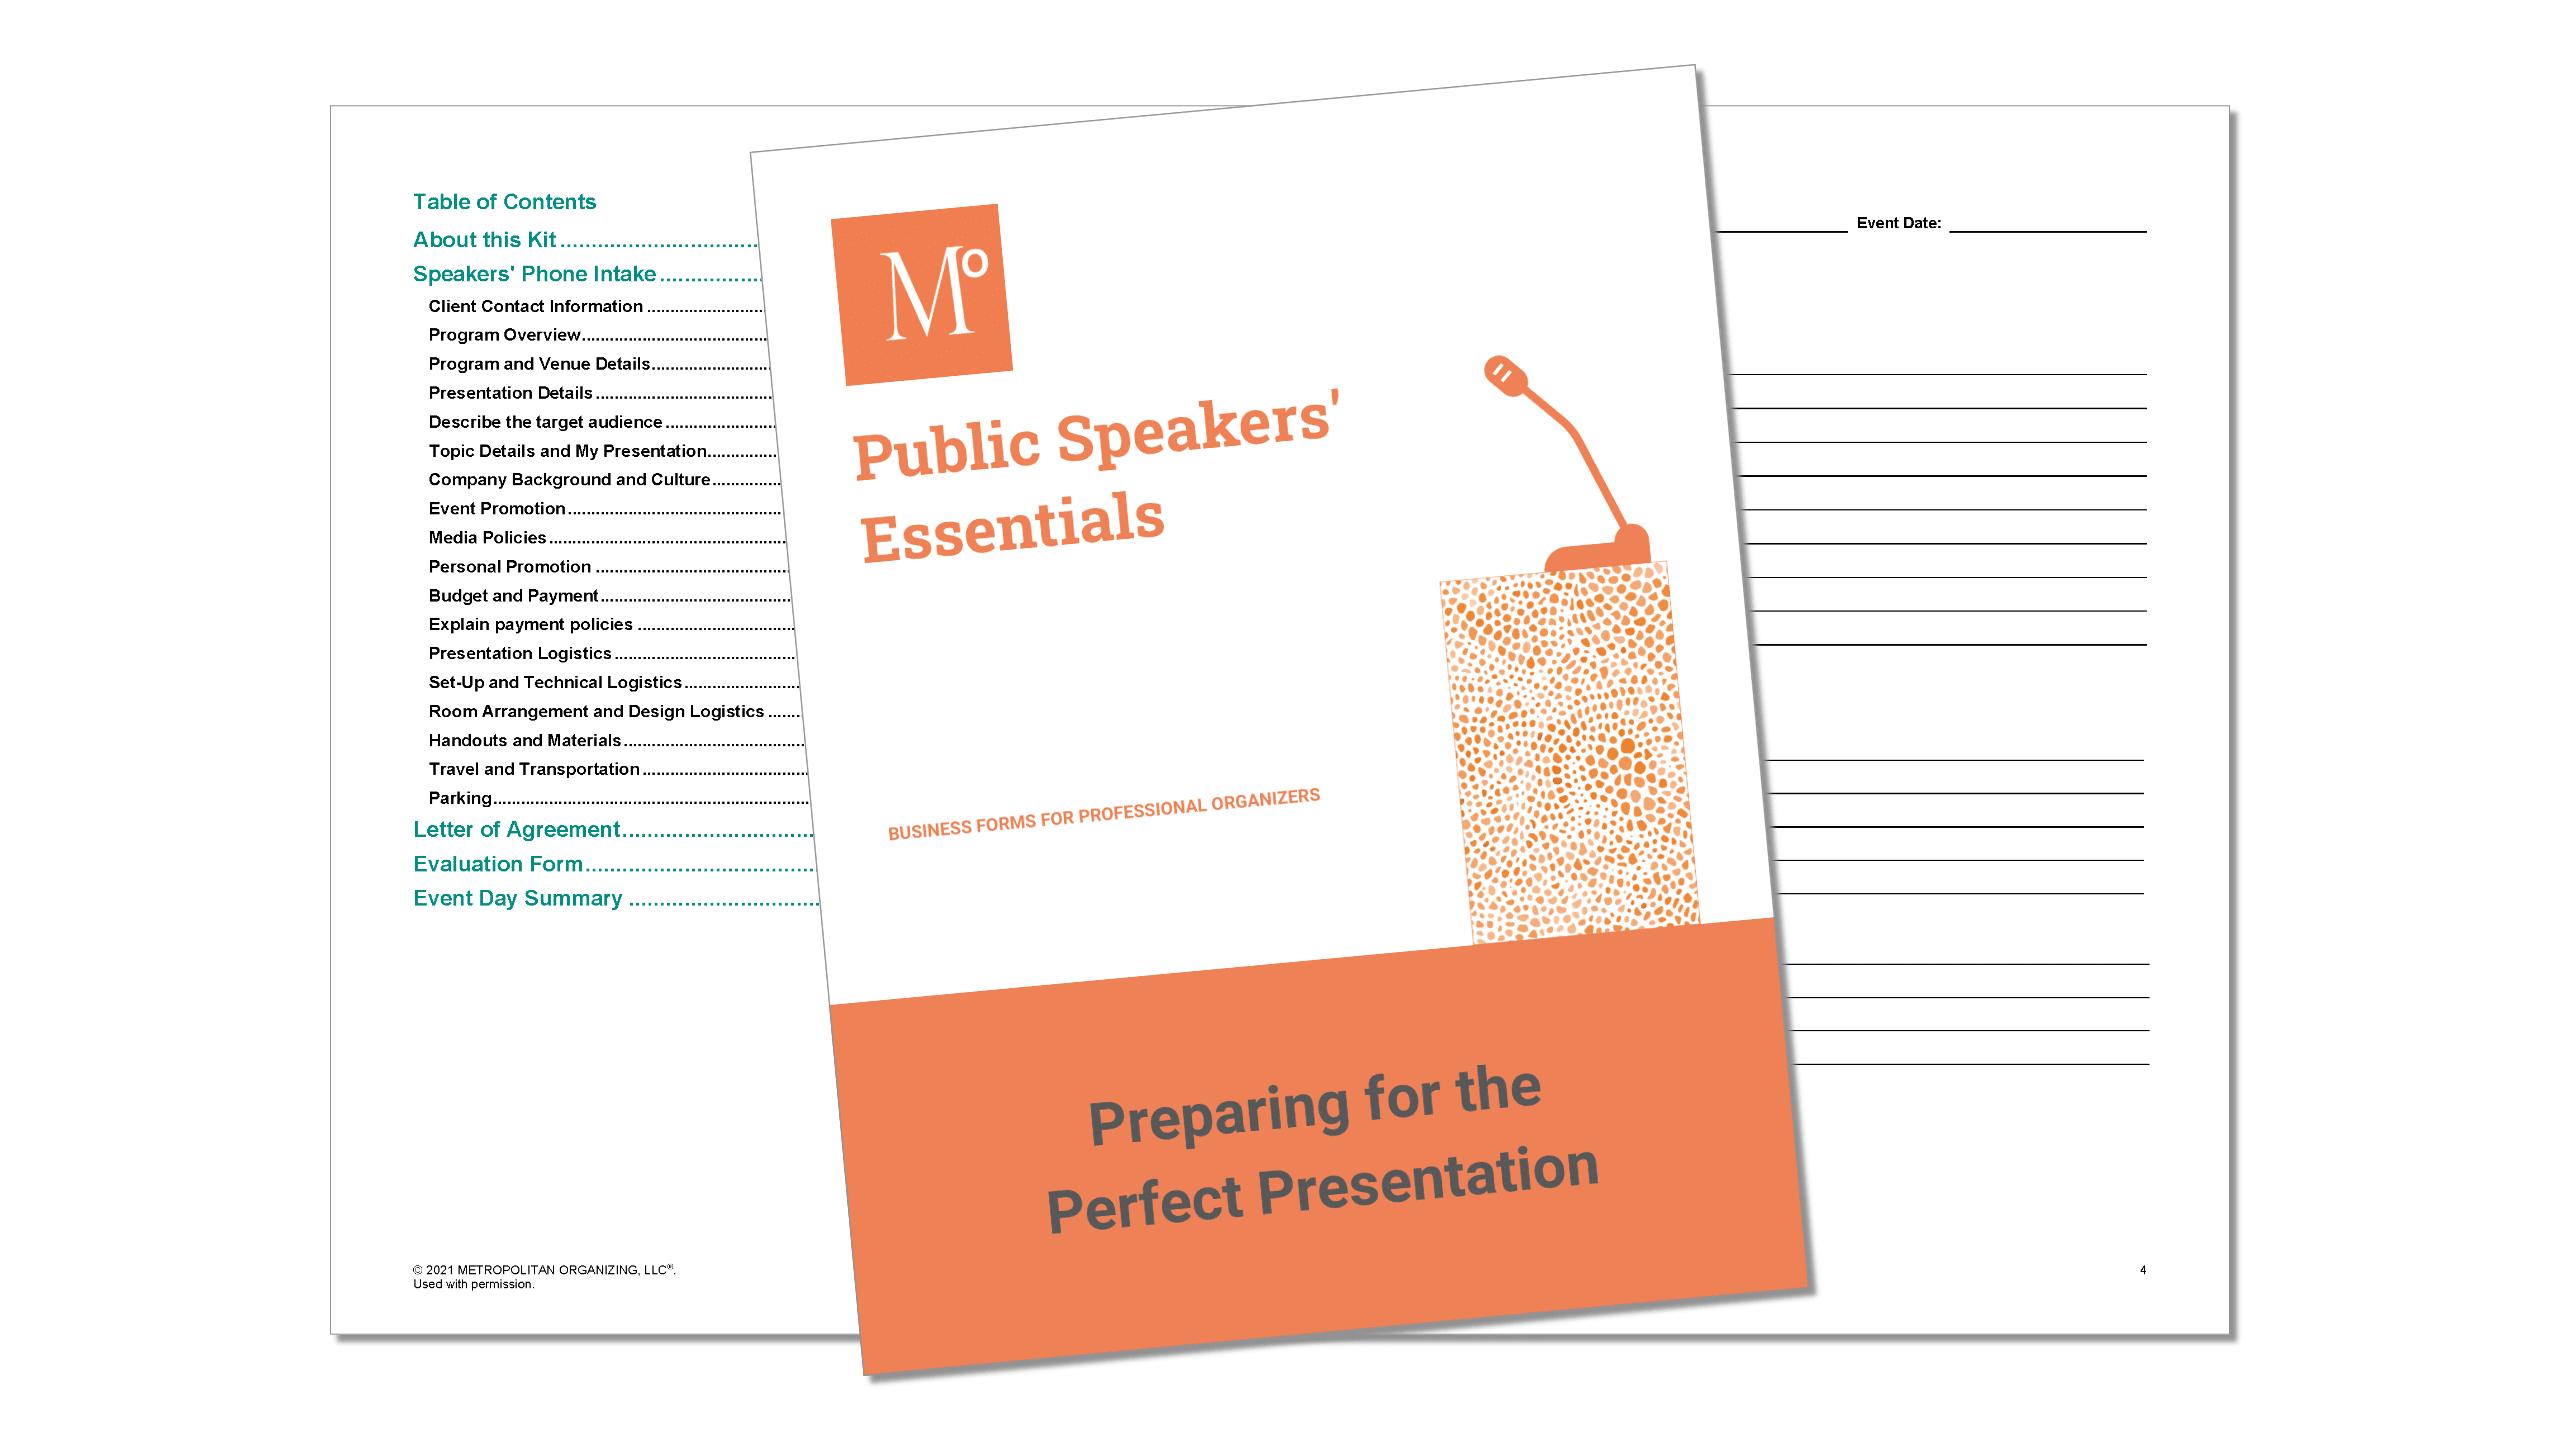 Public Speakers' Essentials inside view